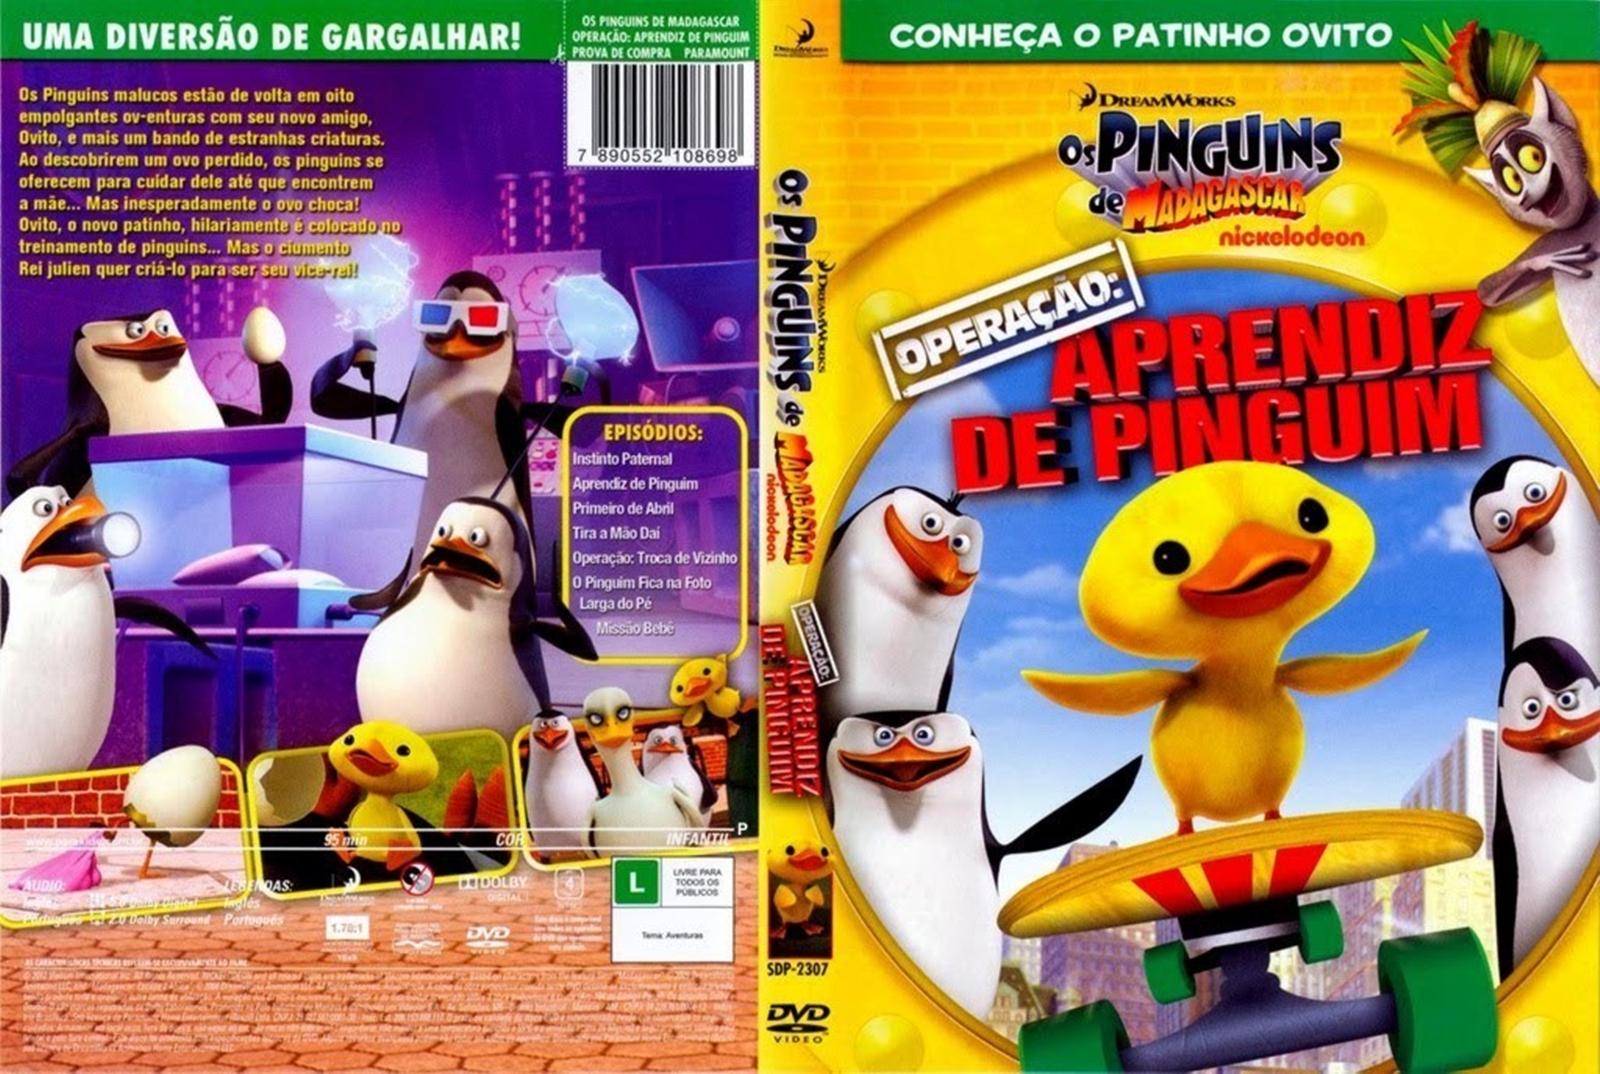 Os Puinguins De Madagascar Operação Aprendiz De Pinguim